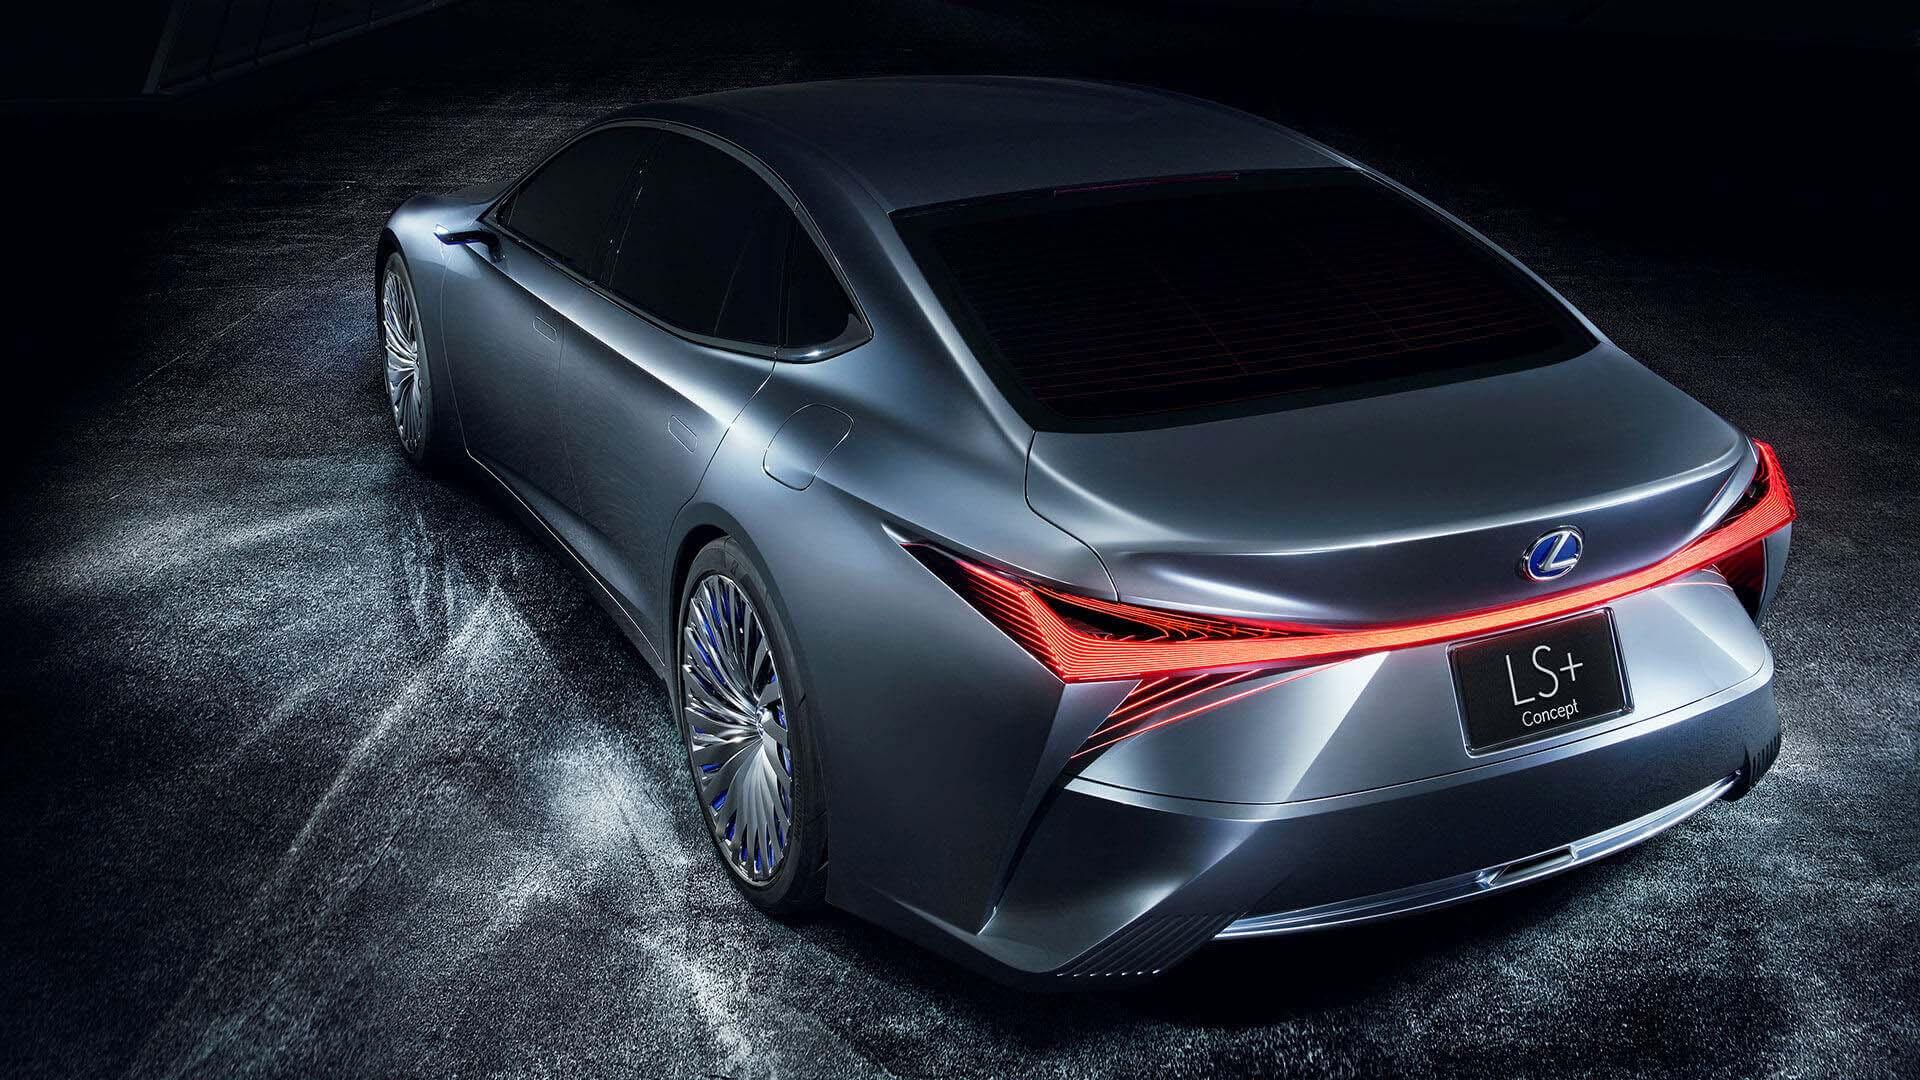 lexus ls concept tokyo motor show gallery 013